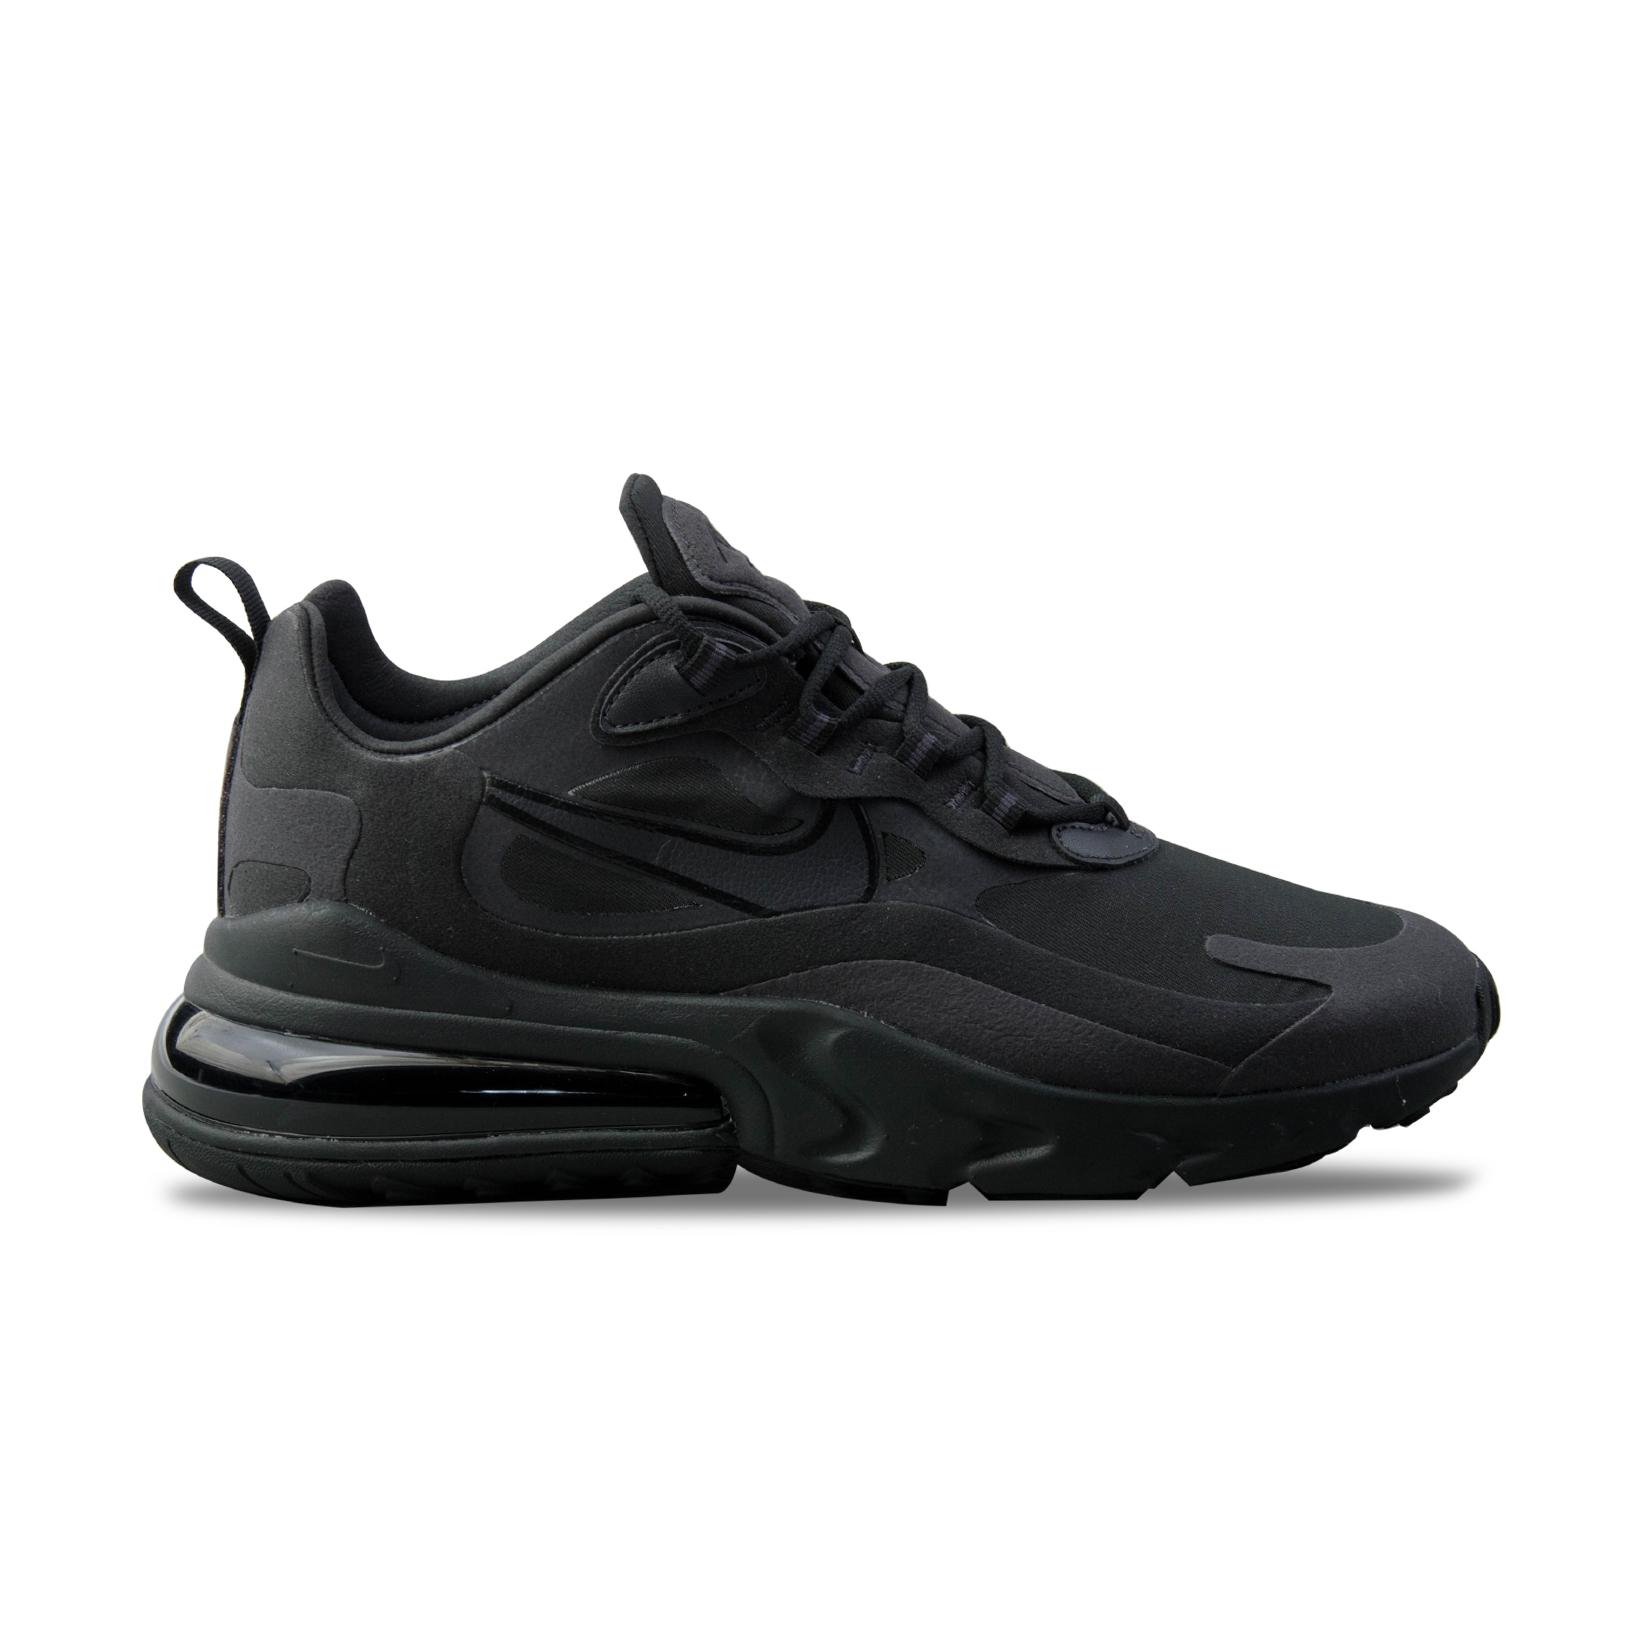 Nike Air Max 270 React Black